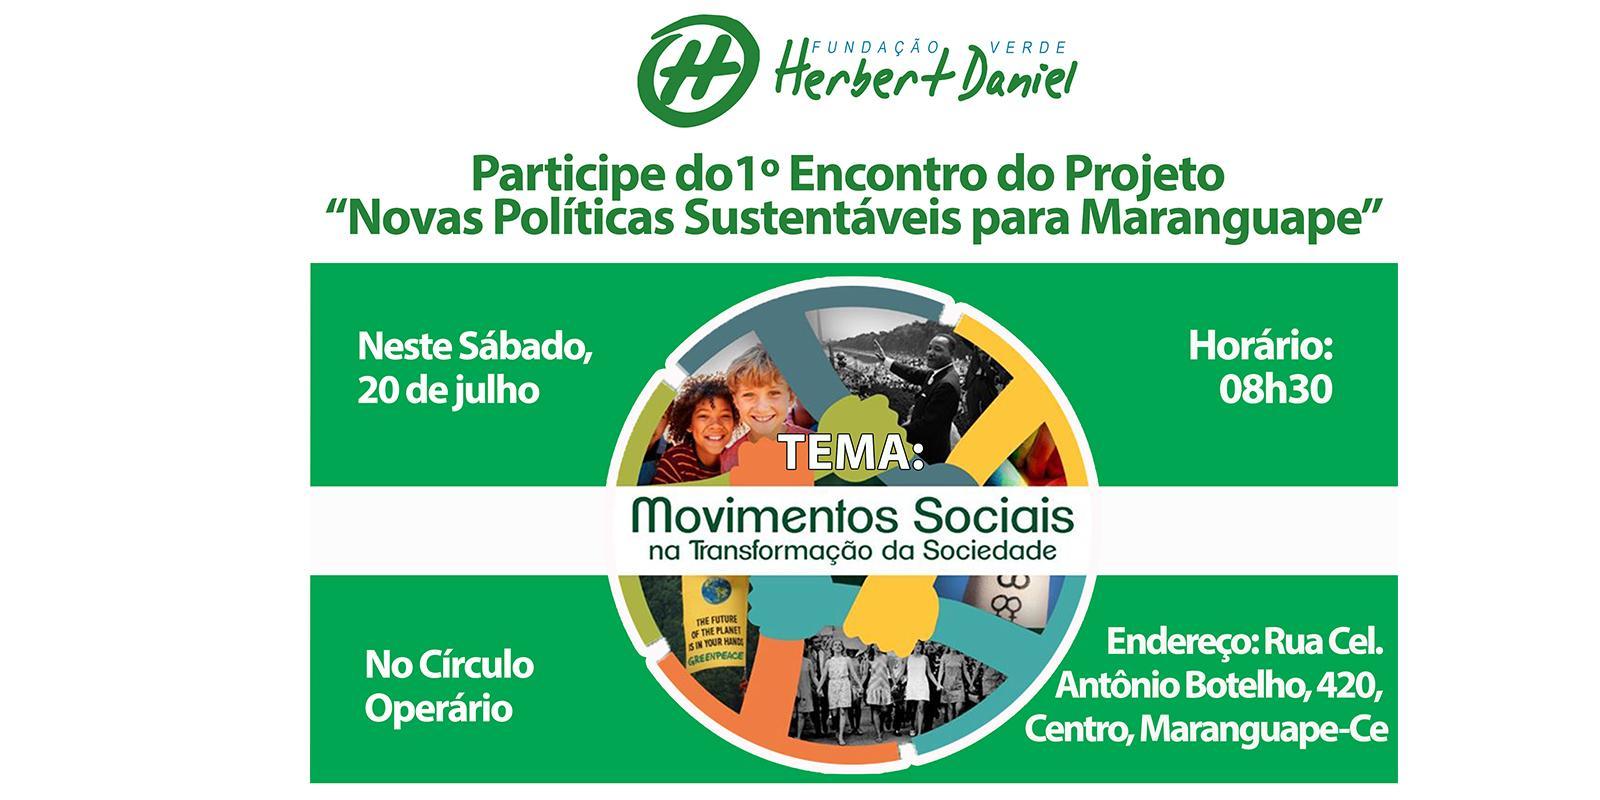 """Fundação Verde Herbert Daniel realiza 1º encontro do Projeto """"Novas Políticas Sustentáveis para Maranguape"""""""